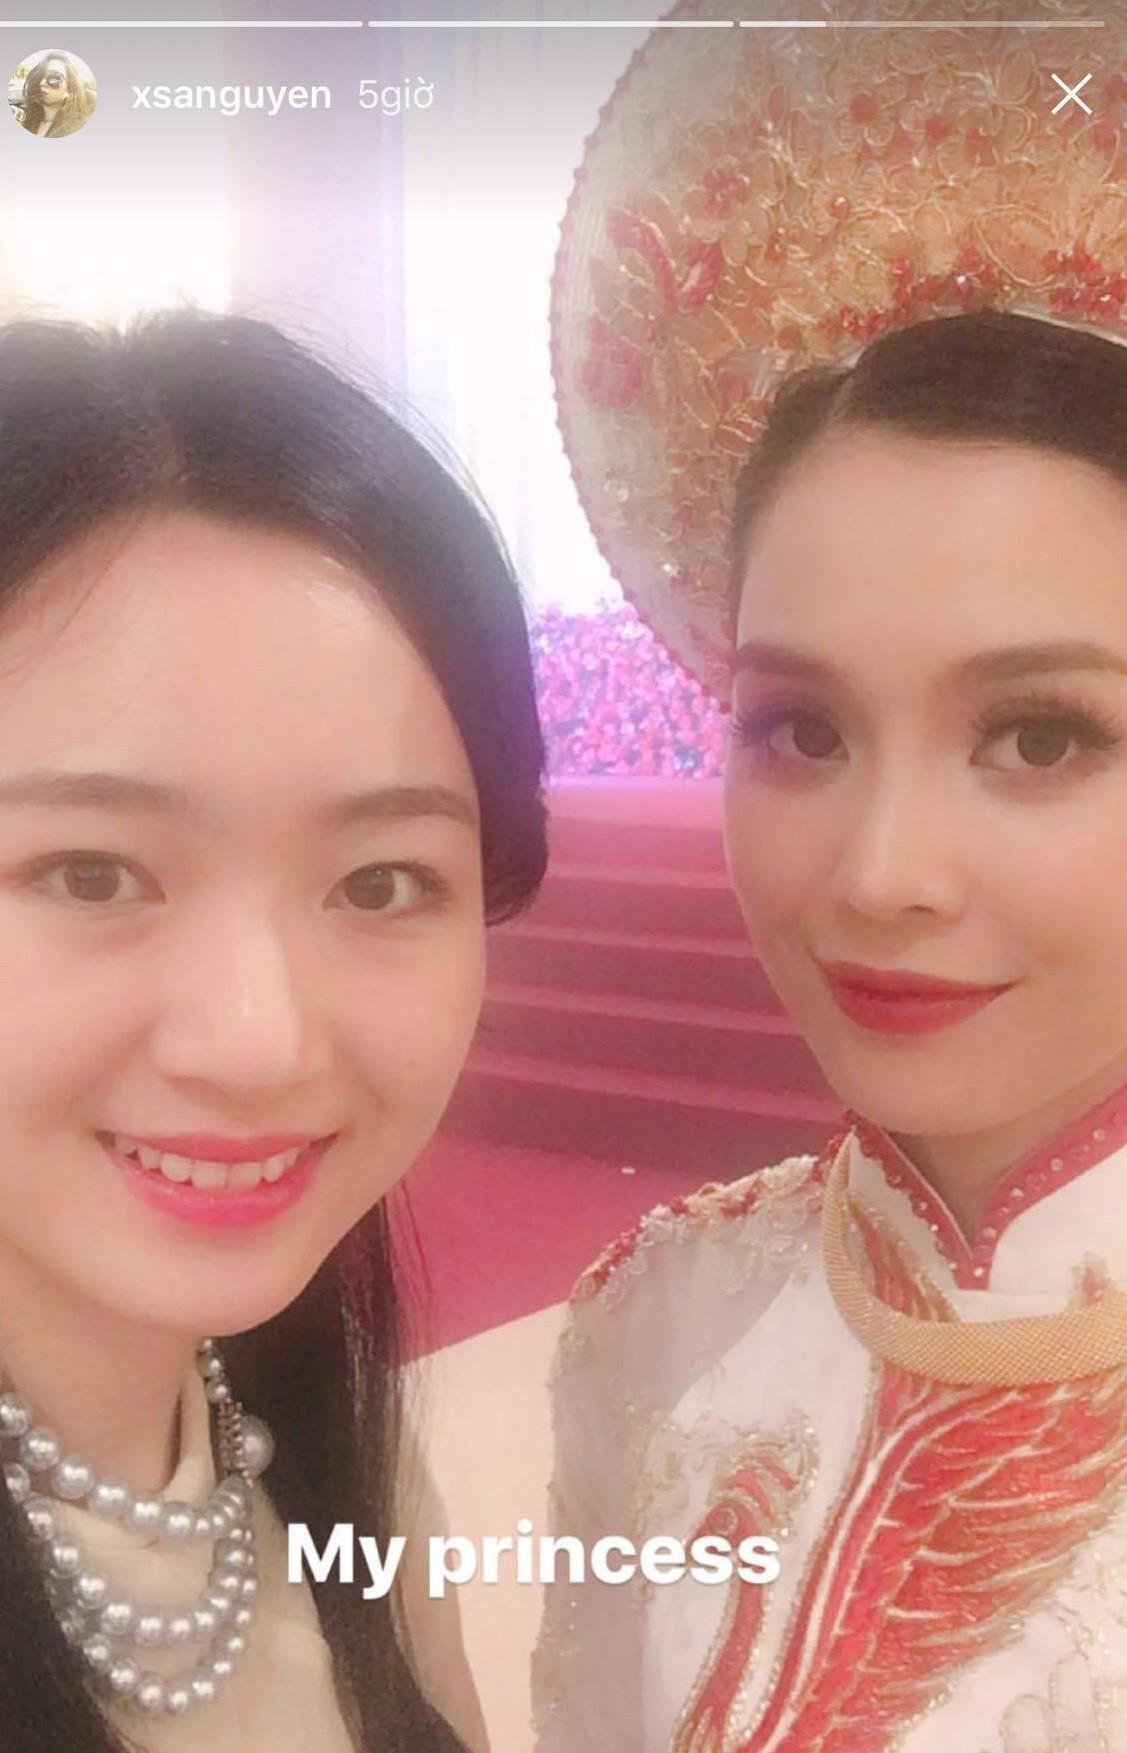 Hé lộ đám hỏi hoành tráng và cô dâu xinh đẹp của thiếu gia tập đoàn Tân Hoàng Minh-7